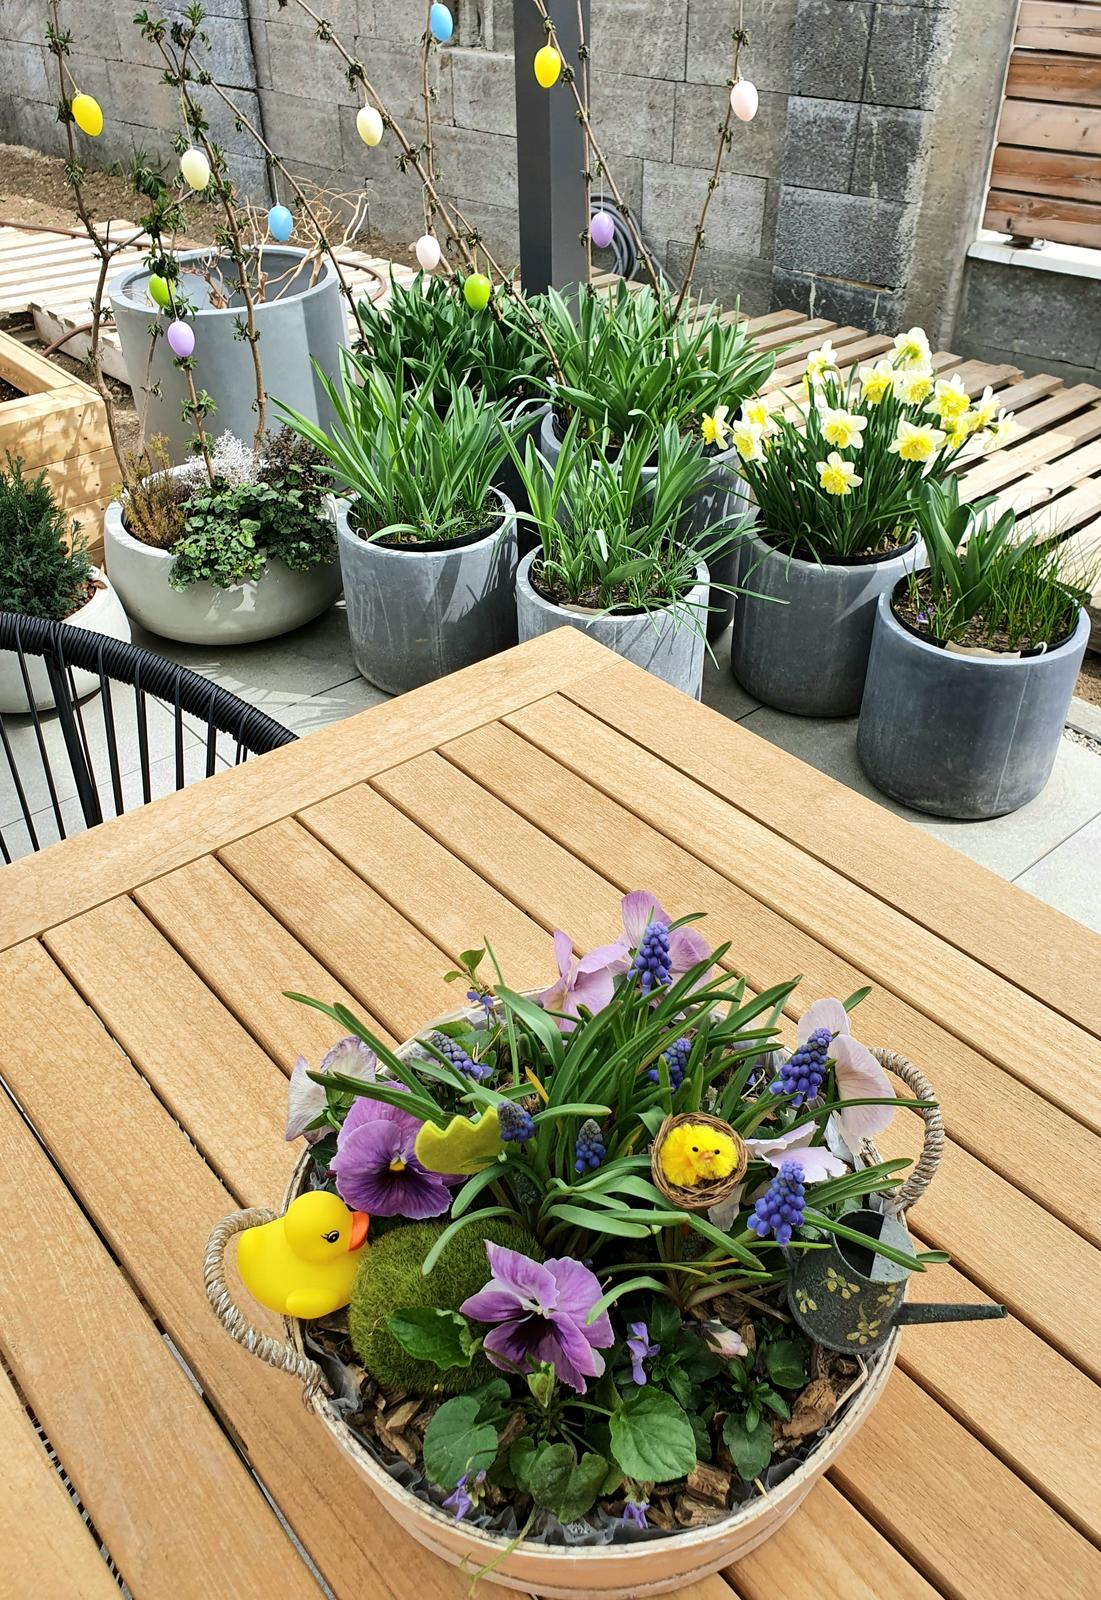 T-éčko po roku 🏡 - Modrice uz kvitnu, cibuloviny v kvetinacoch sa tiez snazia, cochvila zakvitnu tulipany a cesnaky si este pockaju, ale uz sa na ne strasne tesim :-) 🌸🌺🌿🌱🌾